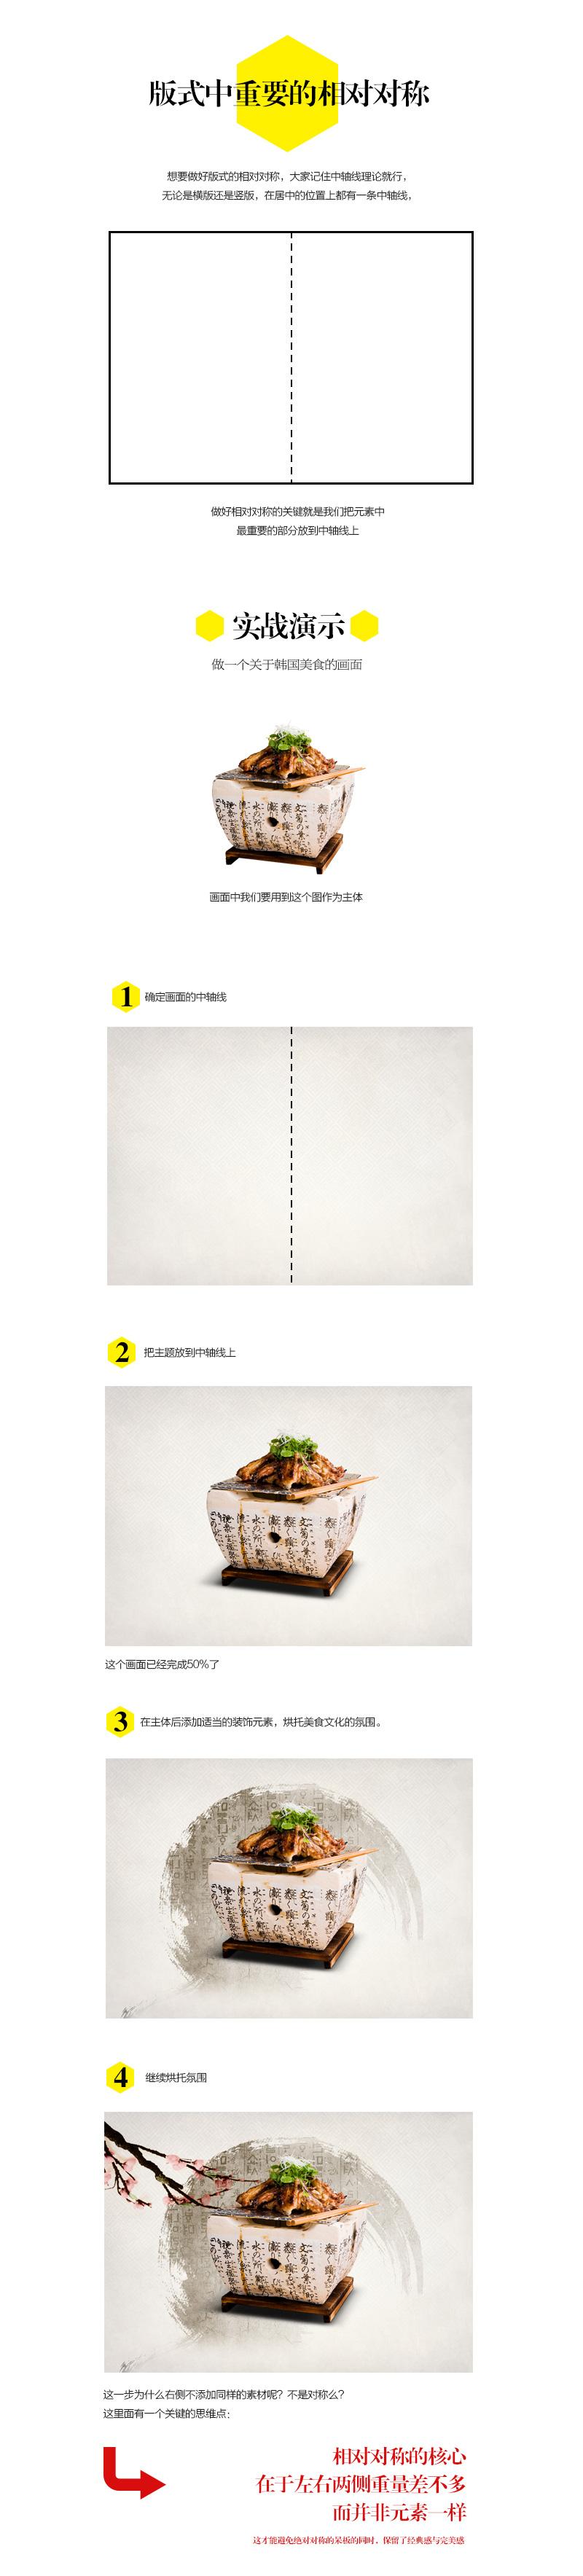 版式设计的相对对称05-莫贝网www.mobileui.cn